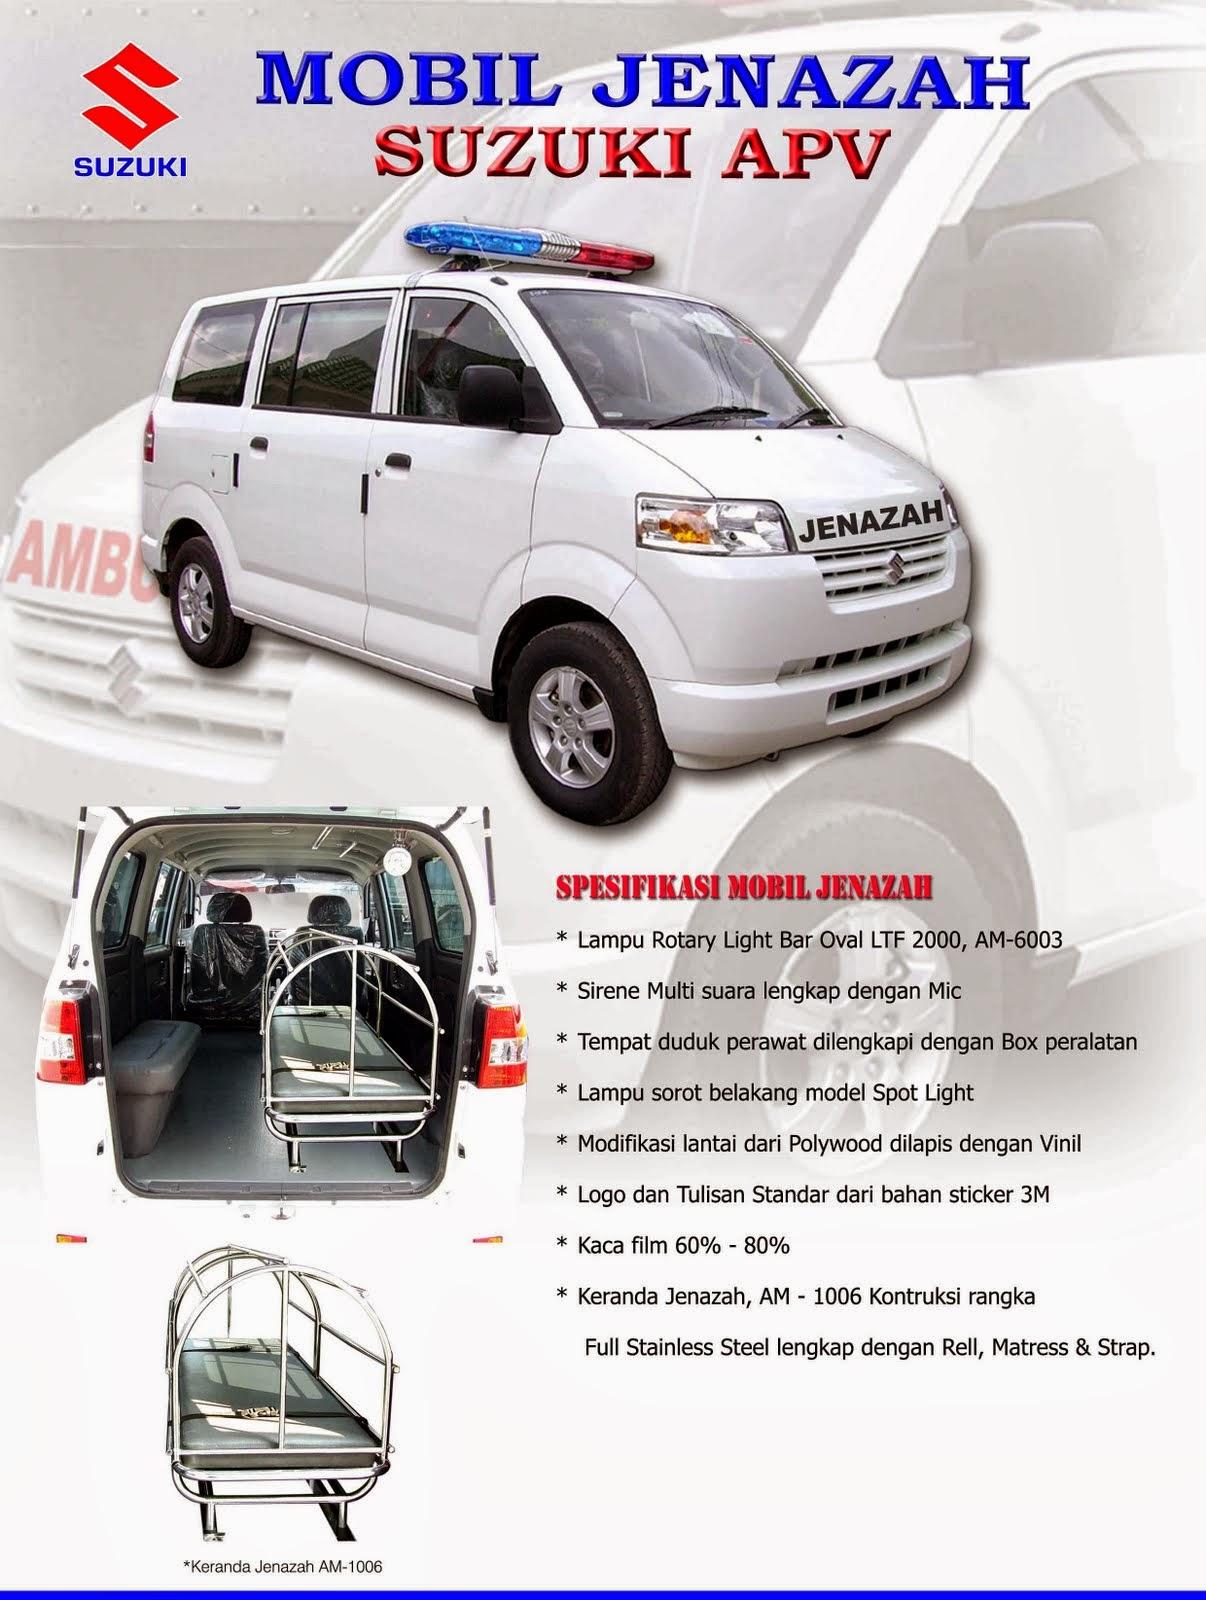 APV Ambulance Spesifikasi Jenazah 2014